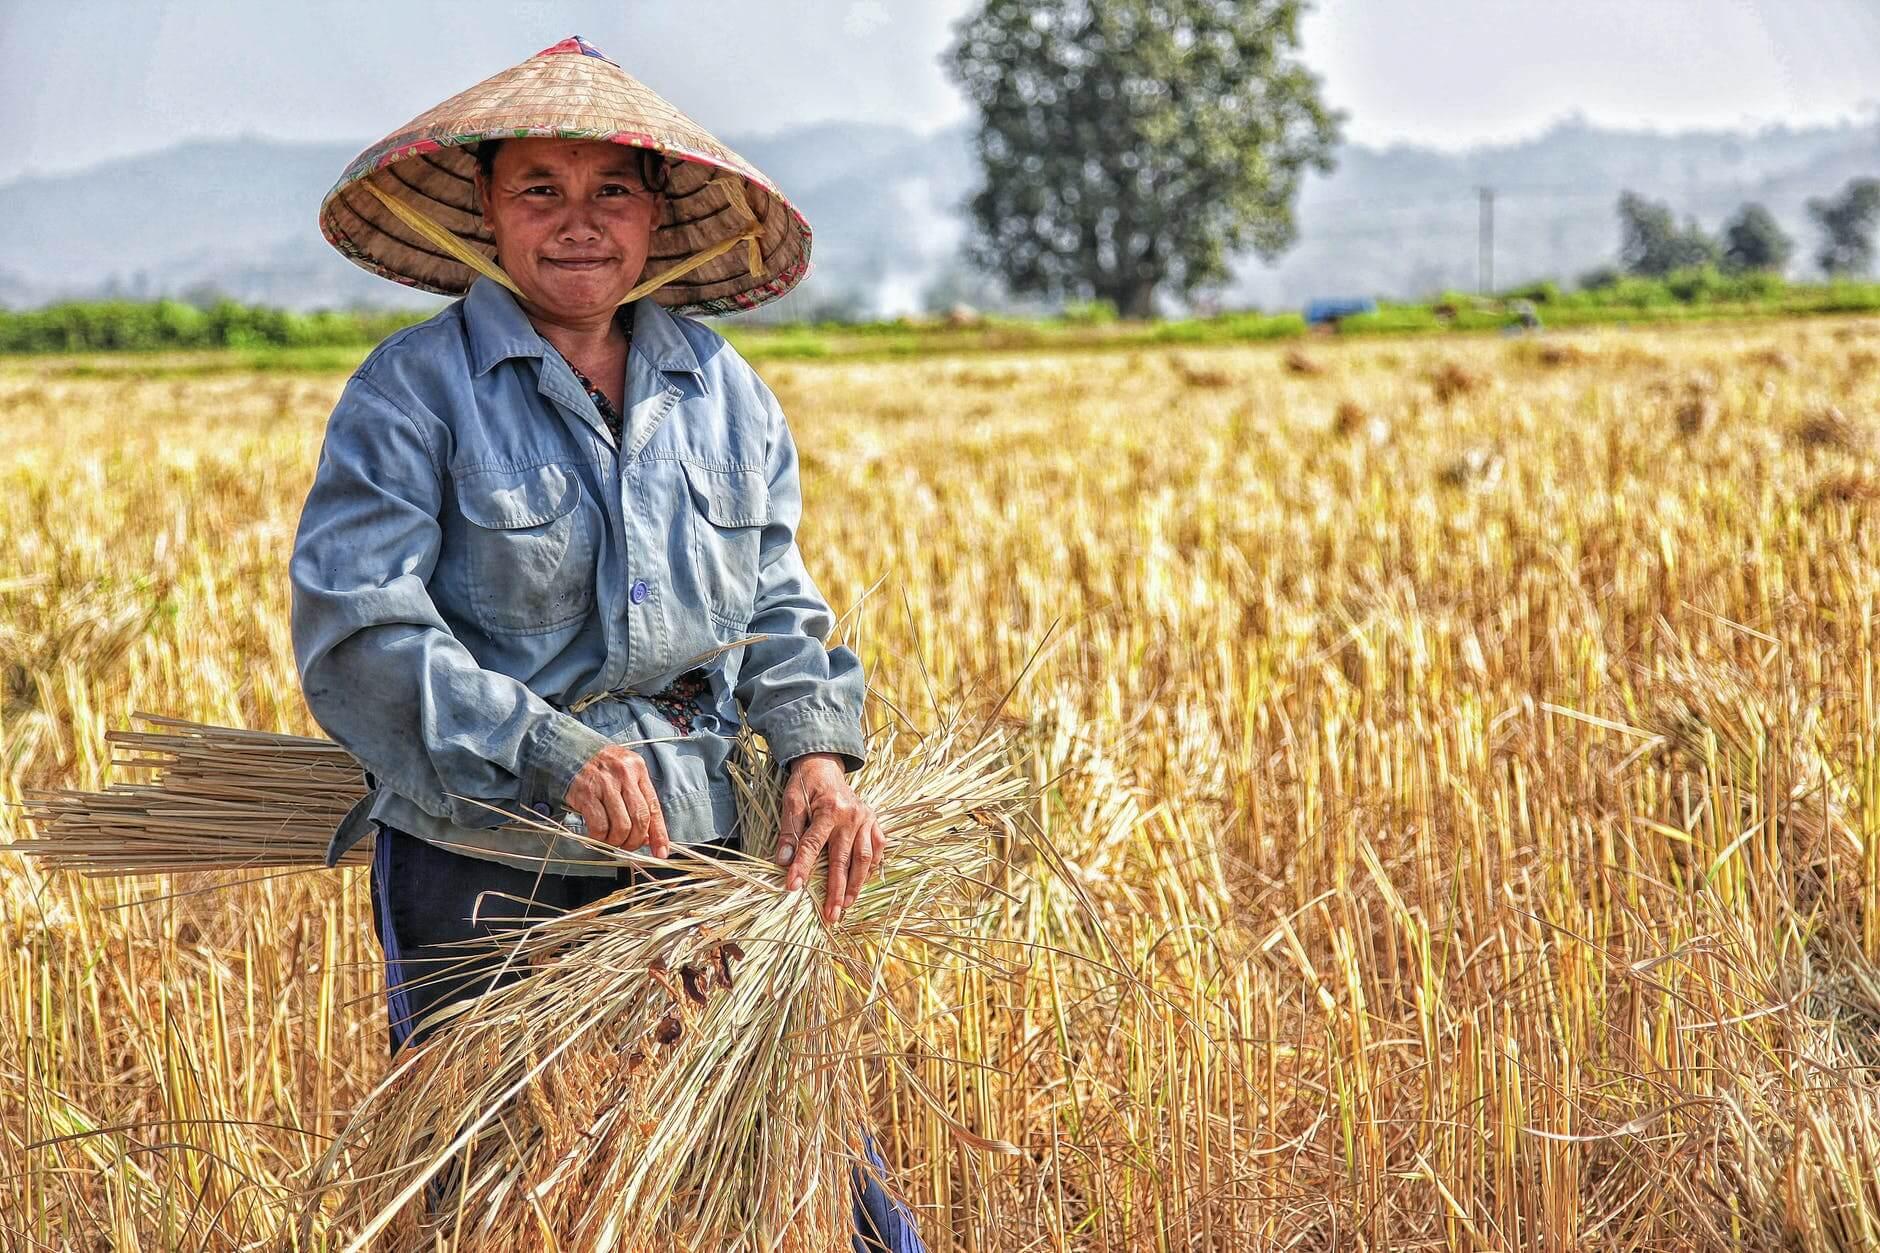 Ilustrasi petani di sawah. (Foto: Pexels/Tugu Jatim)